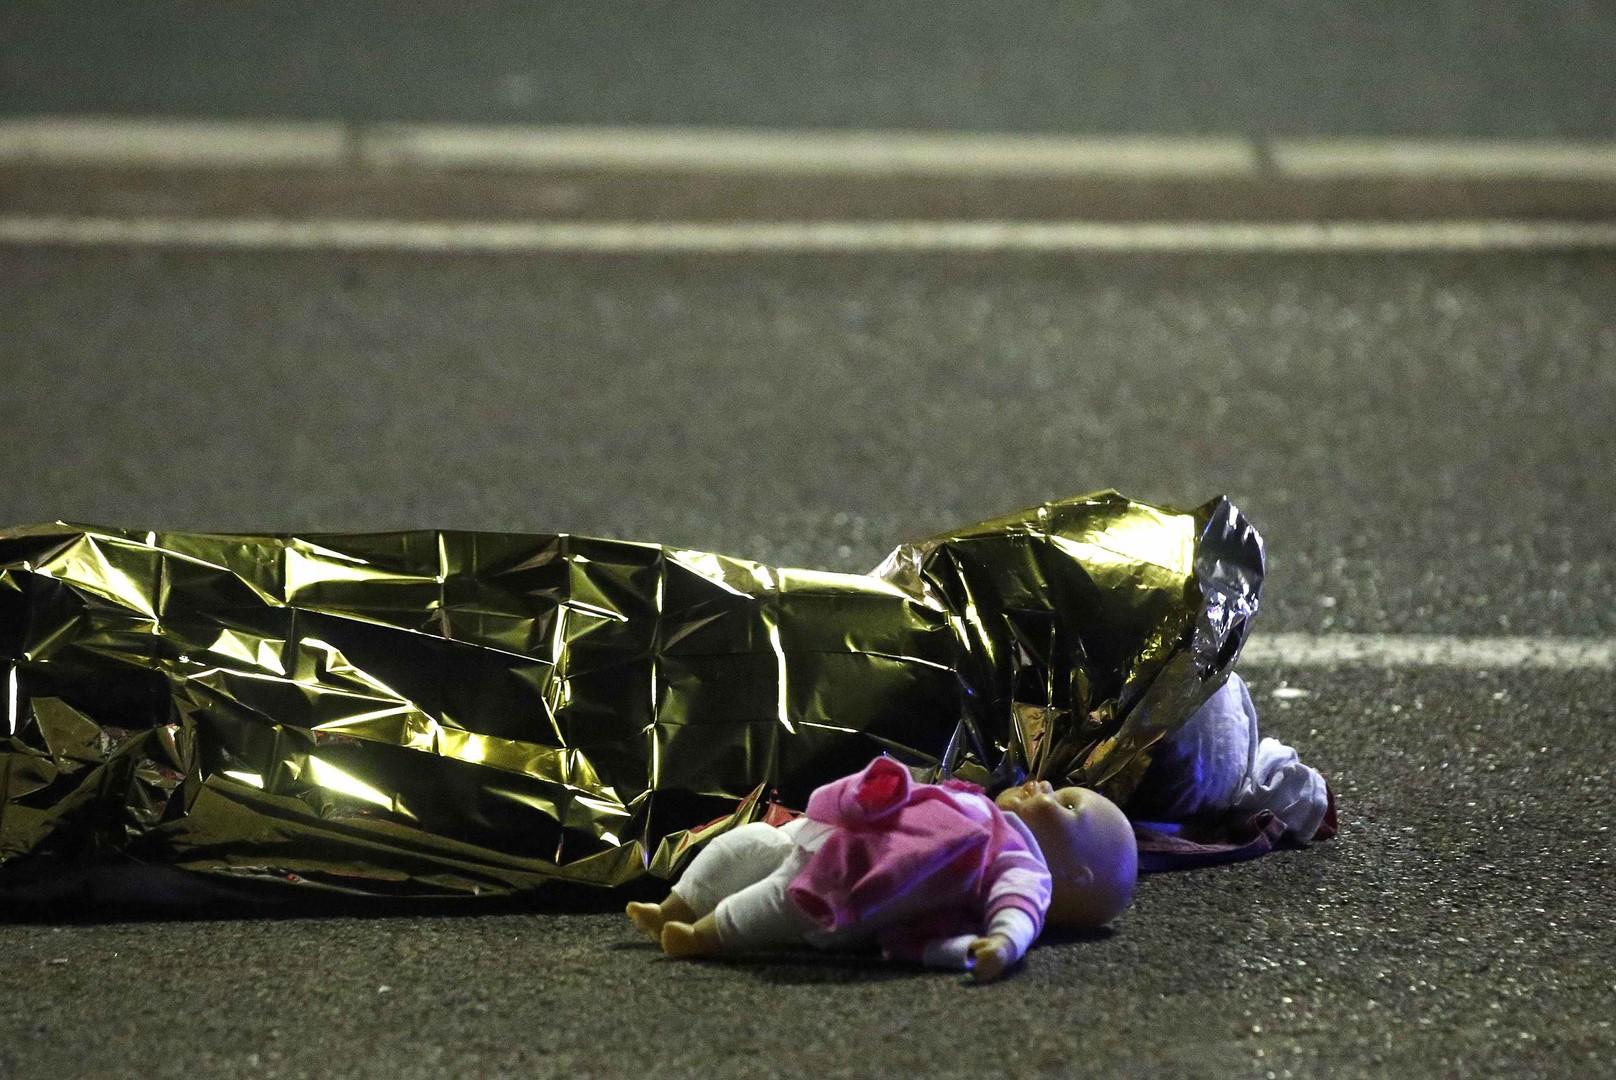 Теракт в Ницце. Страшная трагедия унесла жизни 84 человек